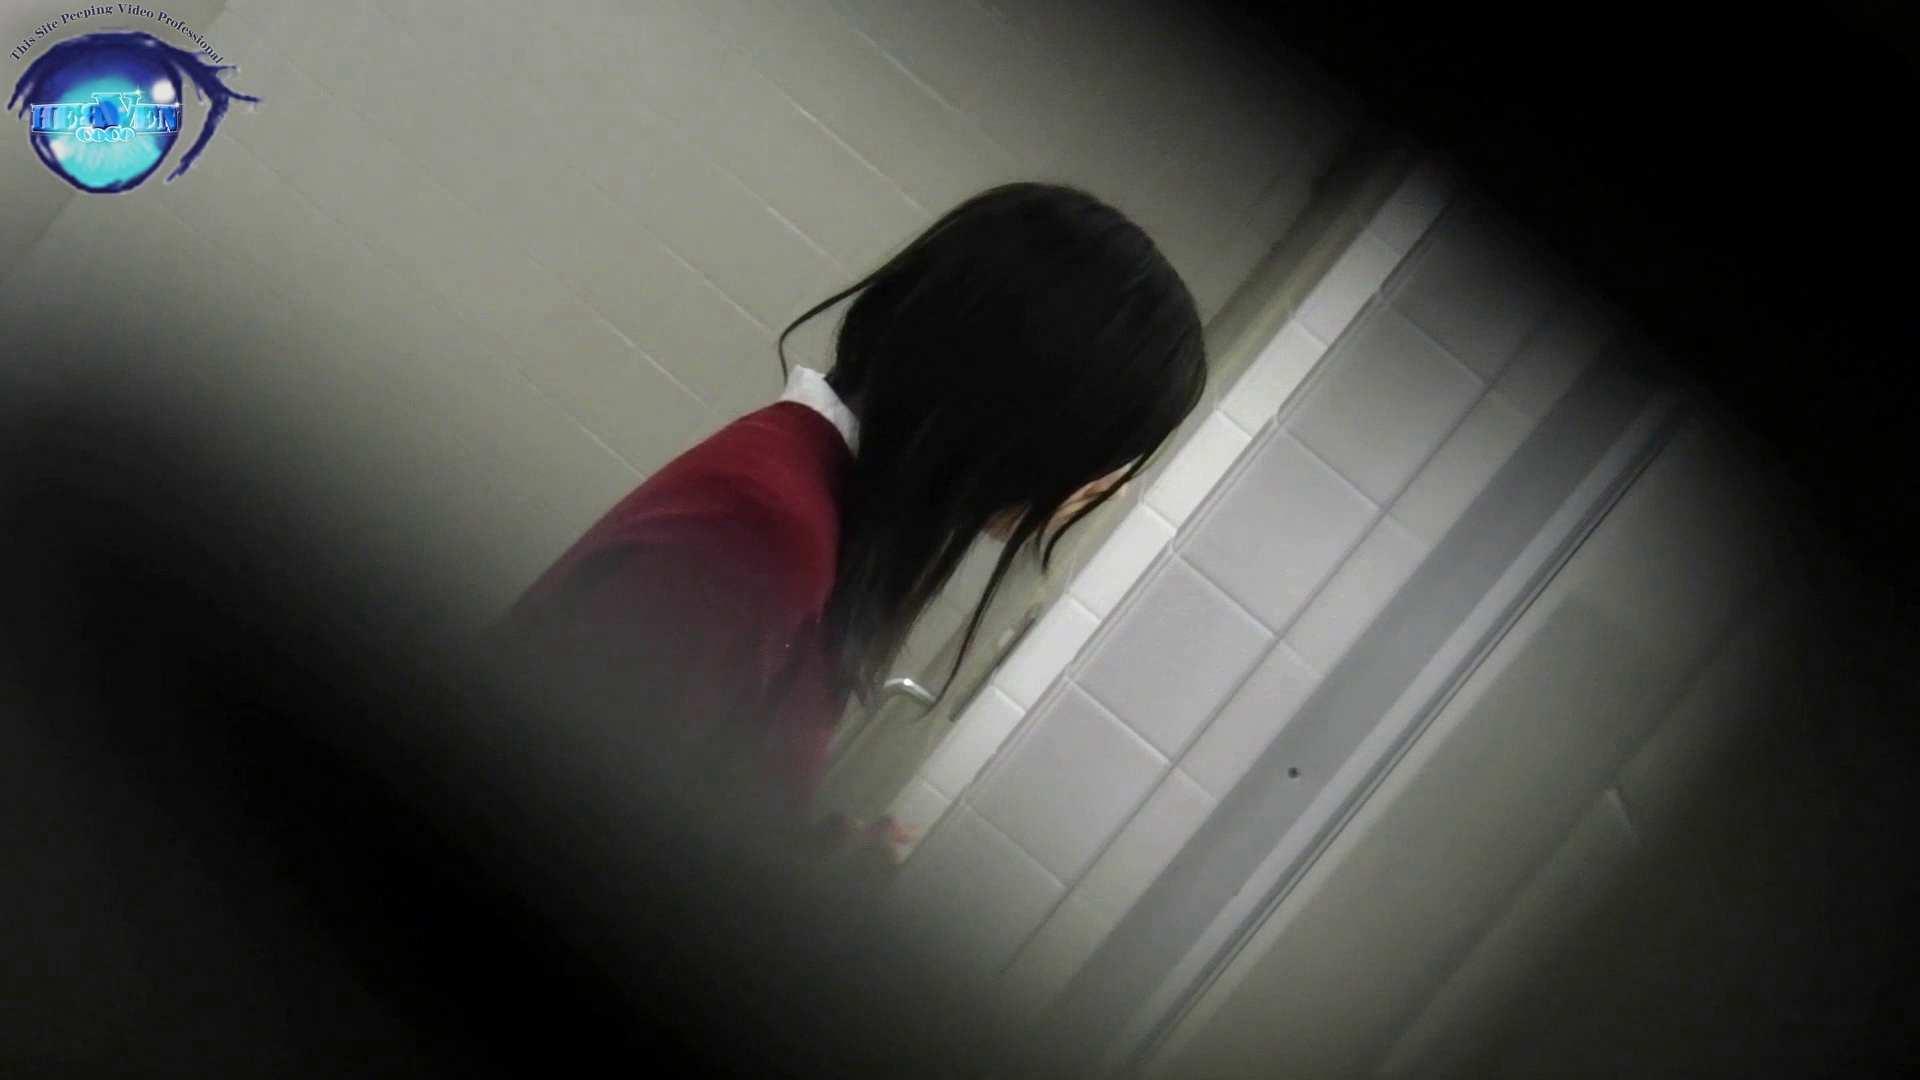 お銀さん vol.59 ピンチ!!「鏡の前で祈る女性」にばれる危機 後編 0   0  77連発 71